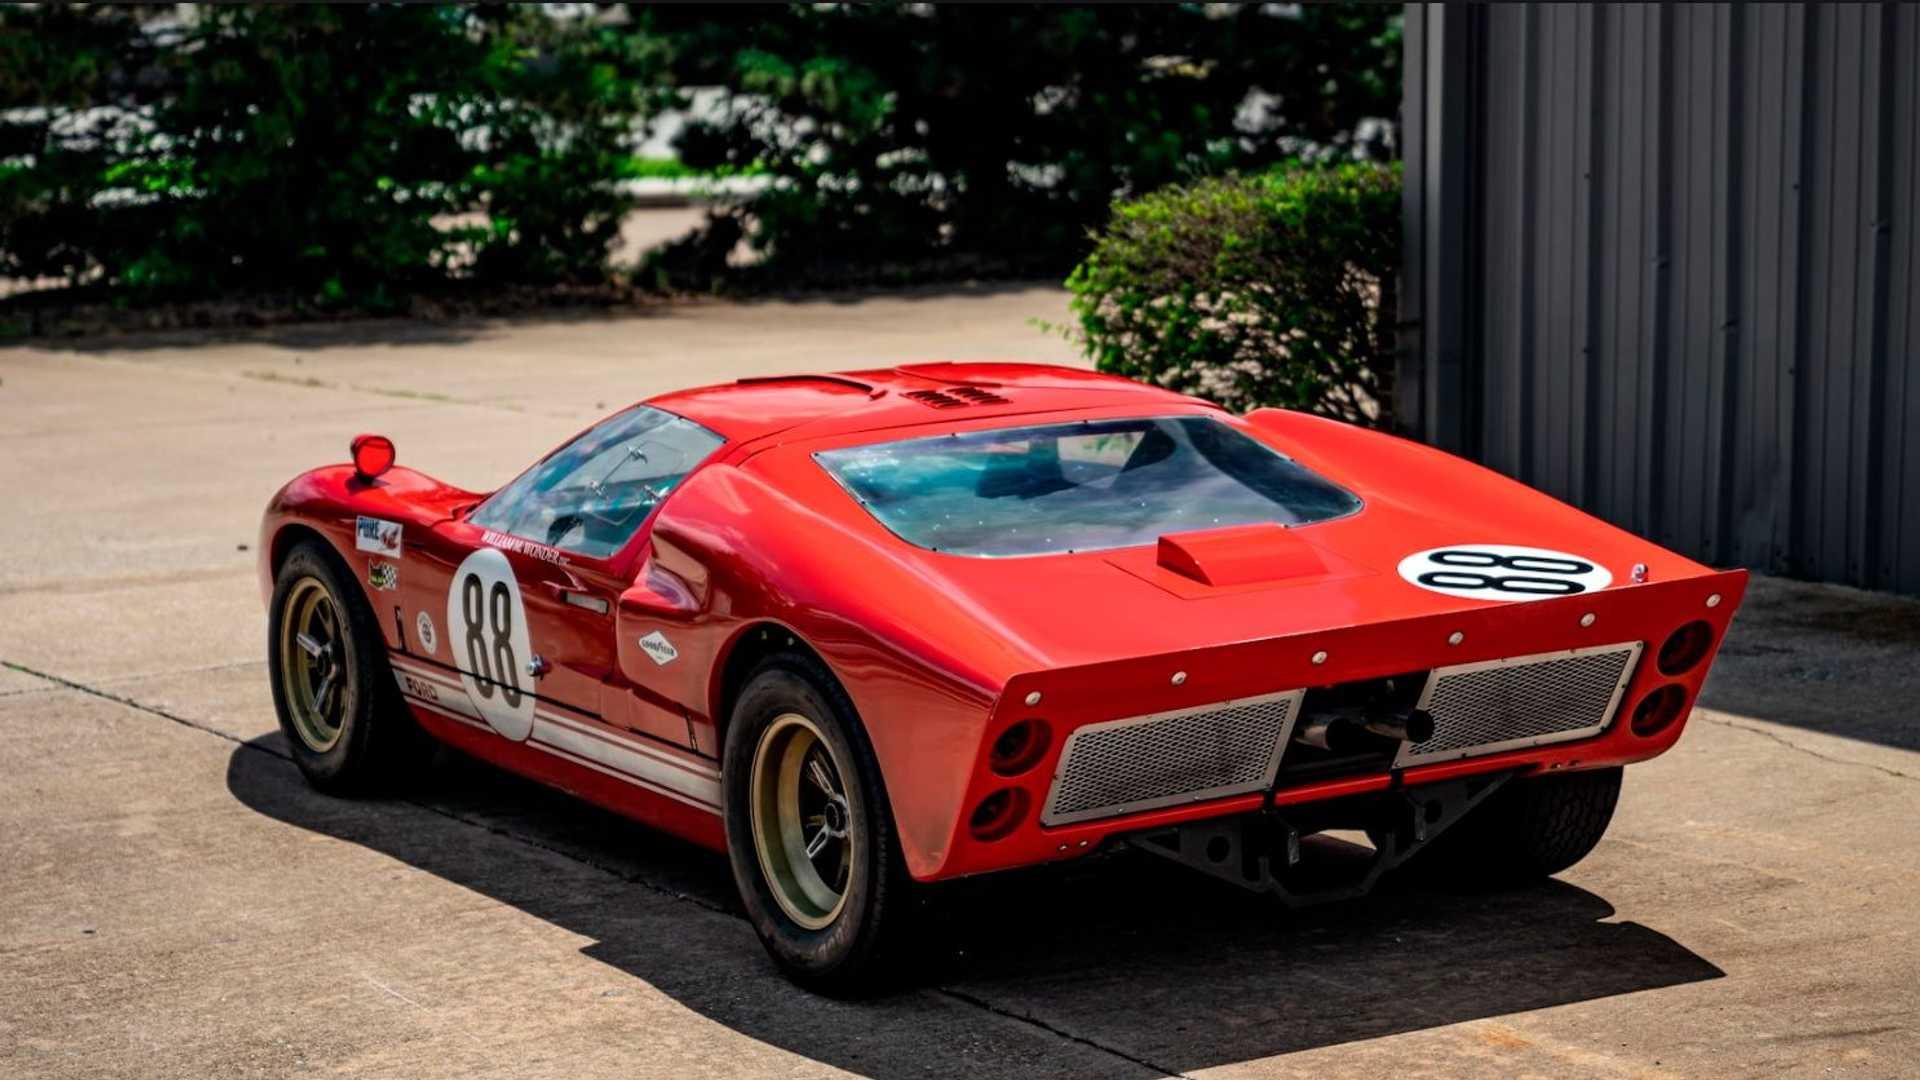 RCR Ford GT40 Replica